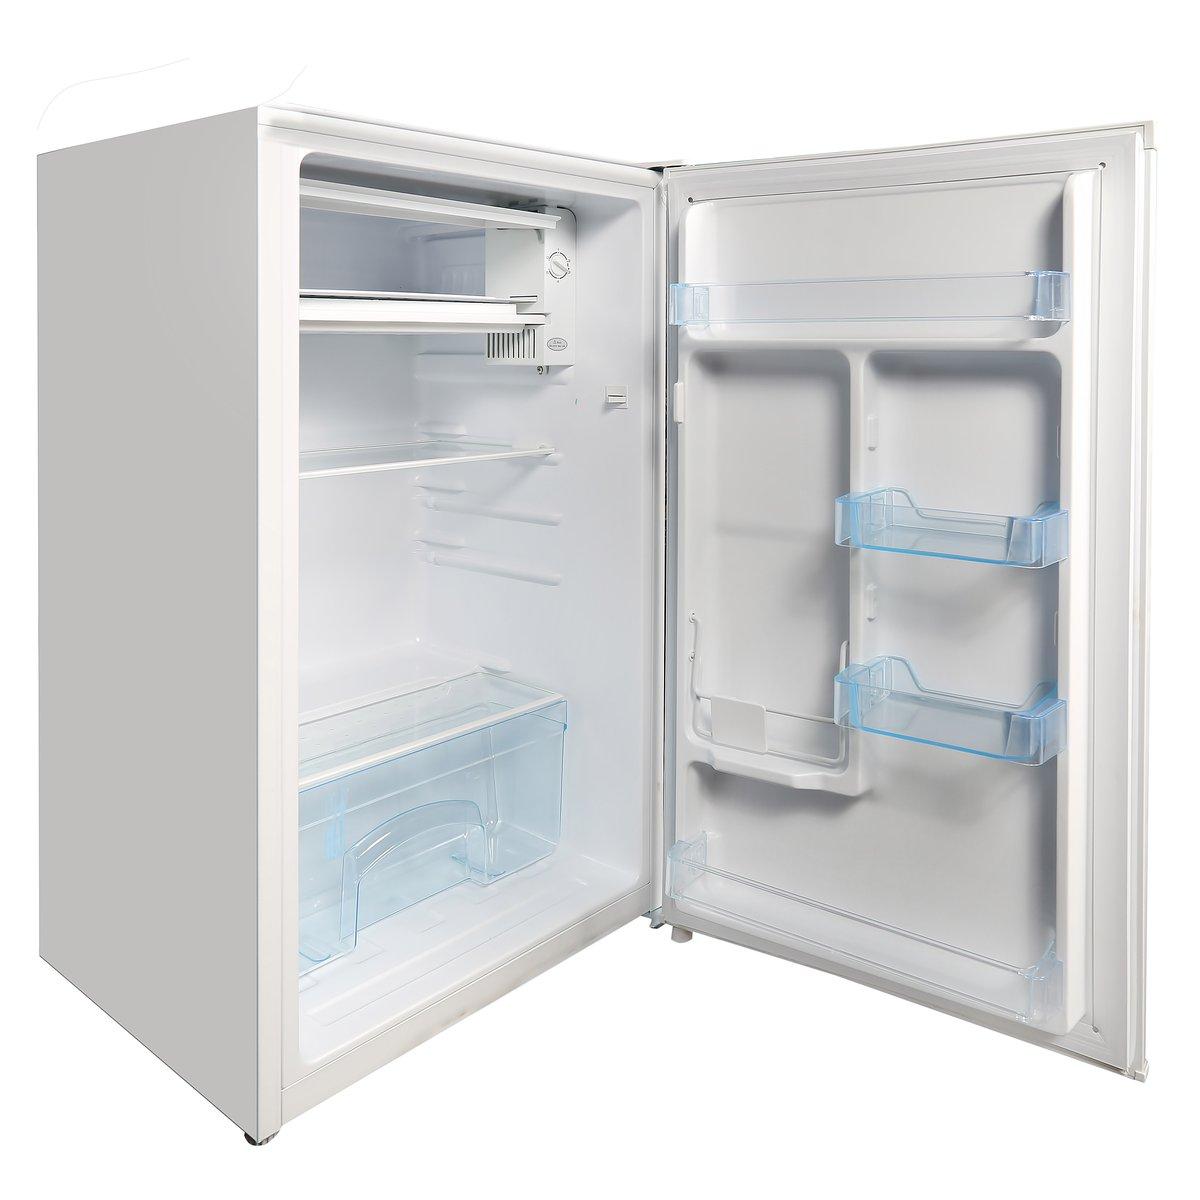 Маленькая кухня - не проблема! Обзор компактных, но функциональных холодильников - Saturn ST-CF2950